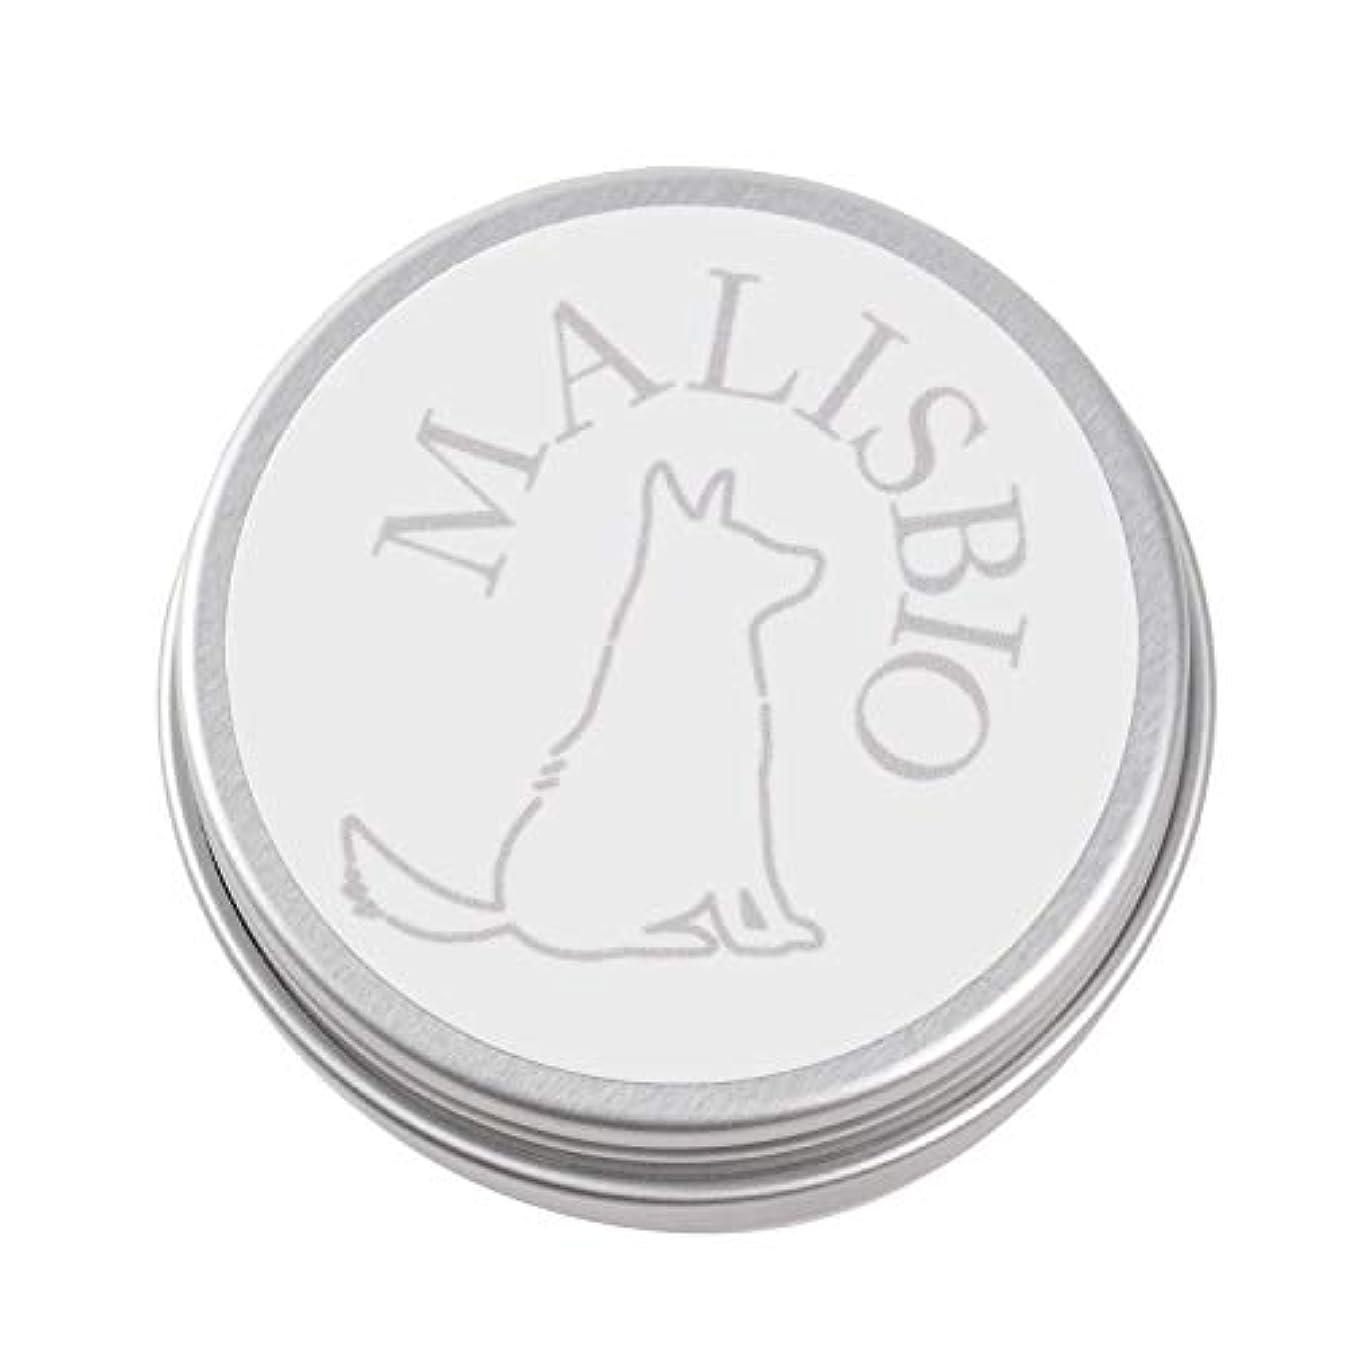 味わうピザ少し携帯ケース 20g MALIS マリス シアバター専用 <日本製> (20)